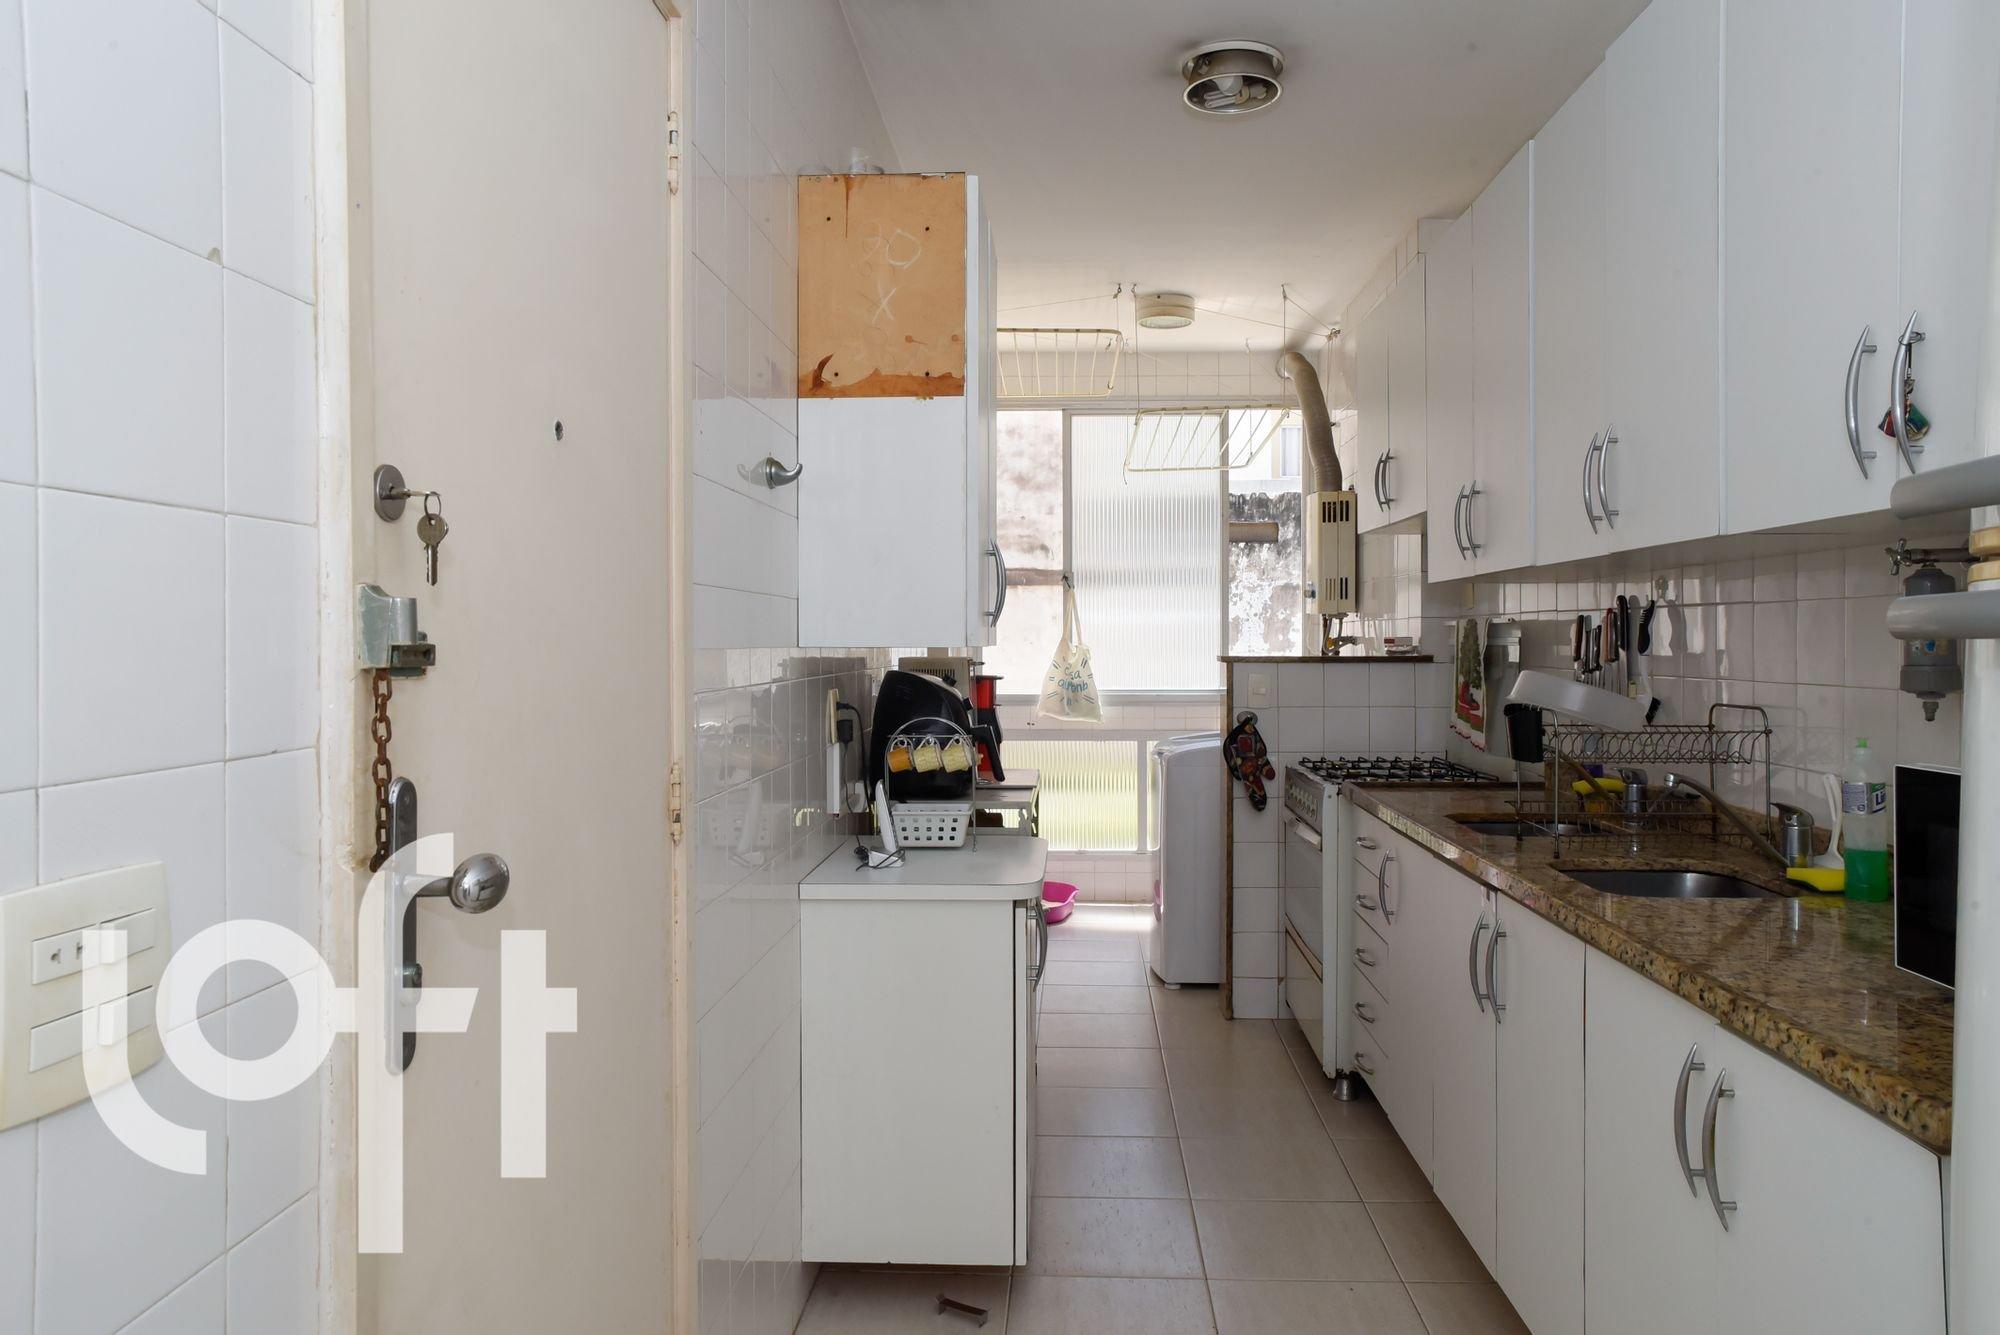 Foto de Cozinha com forno, faca, pia